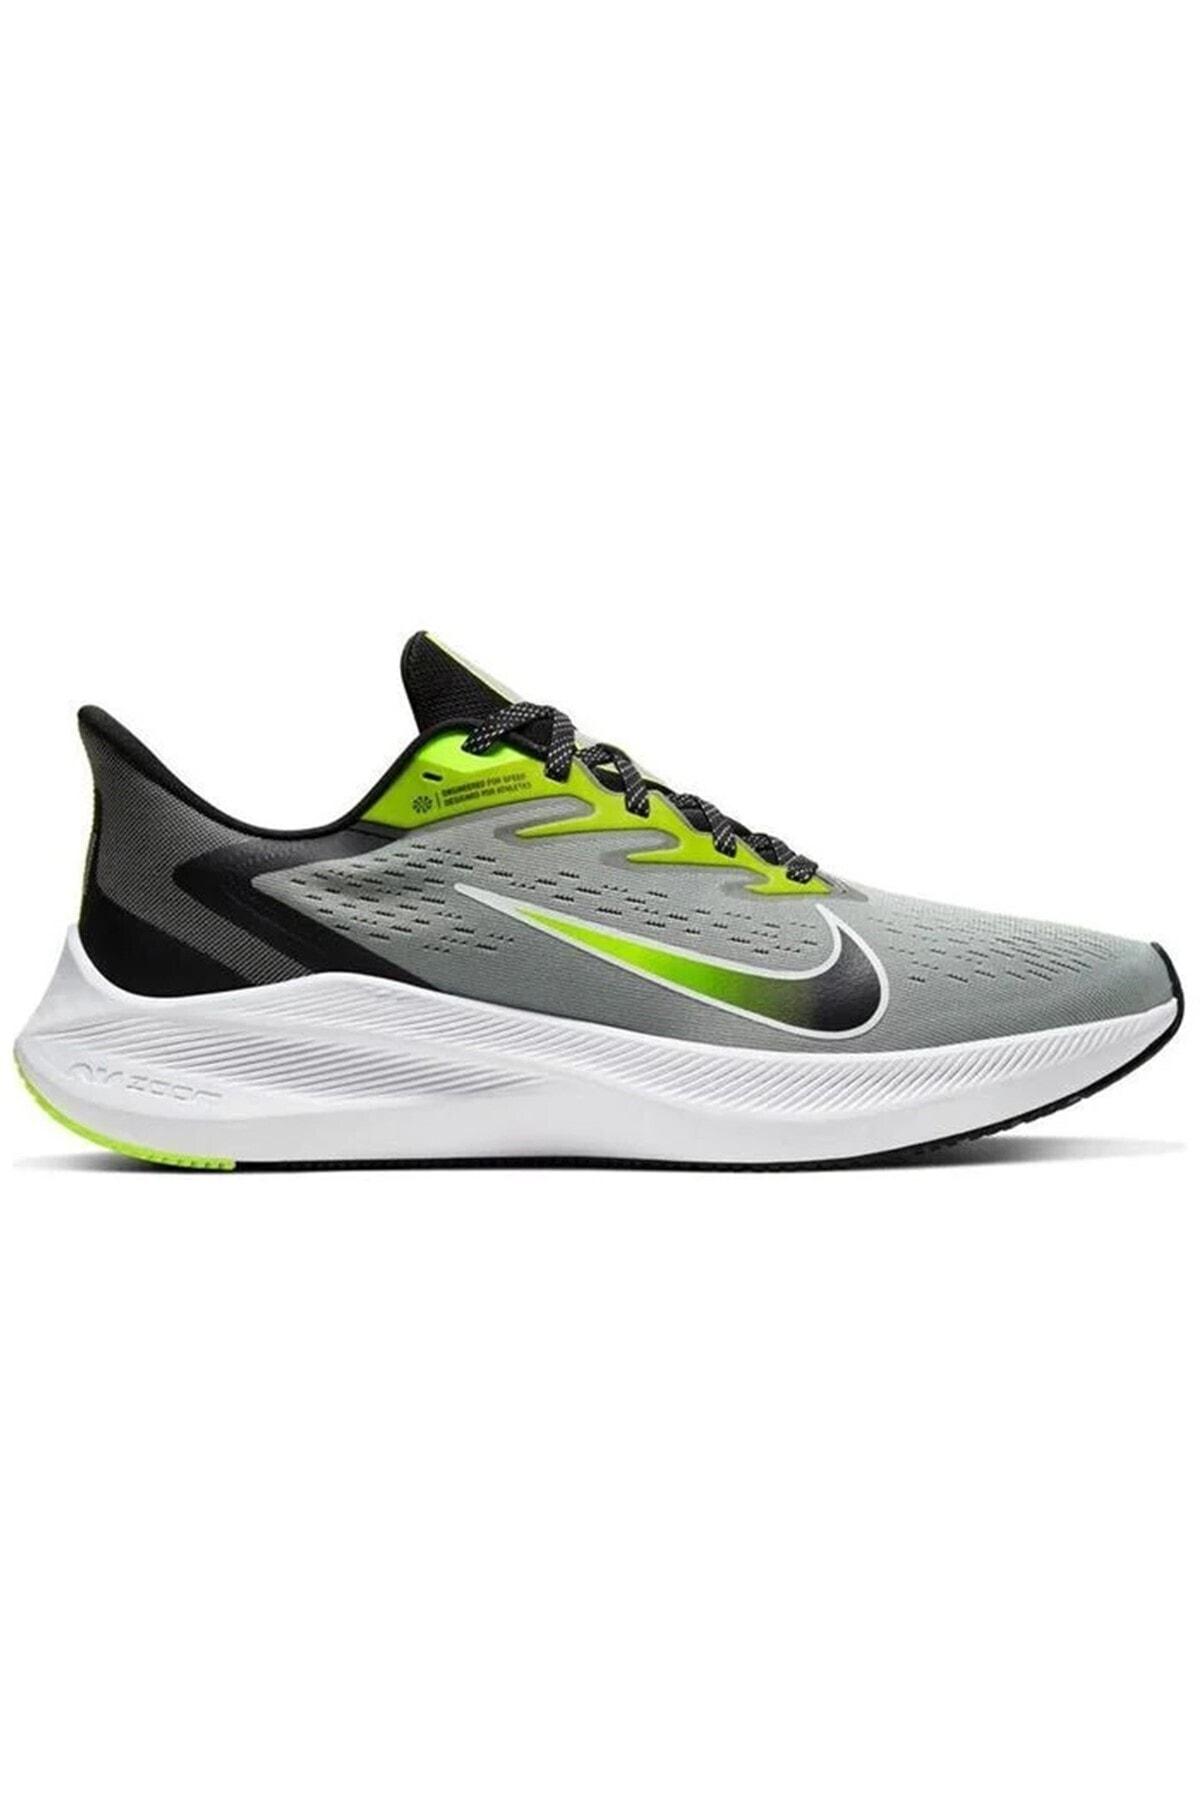 Nike Nıke Zoom Wınflo 7 Erkek Koşu Ayakkabısı Cj0291-002 1